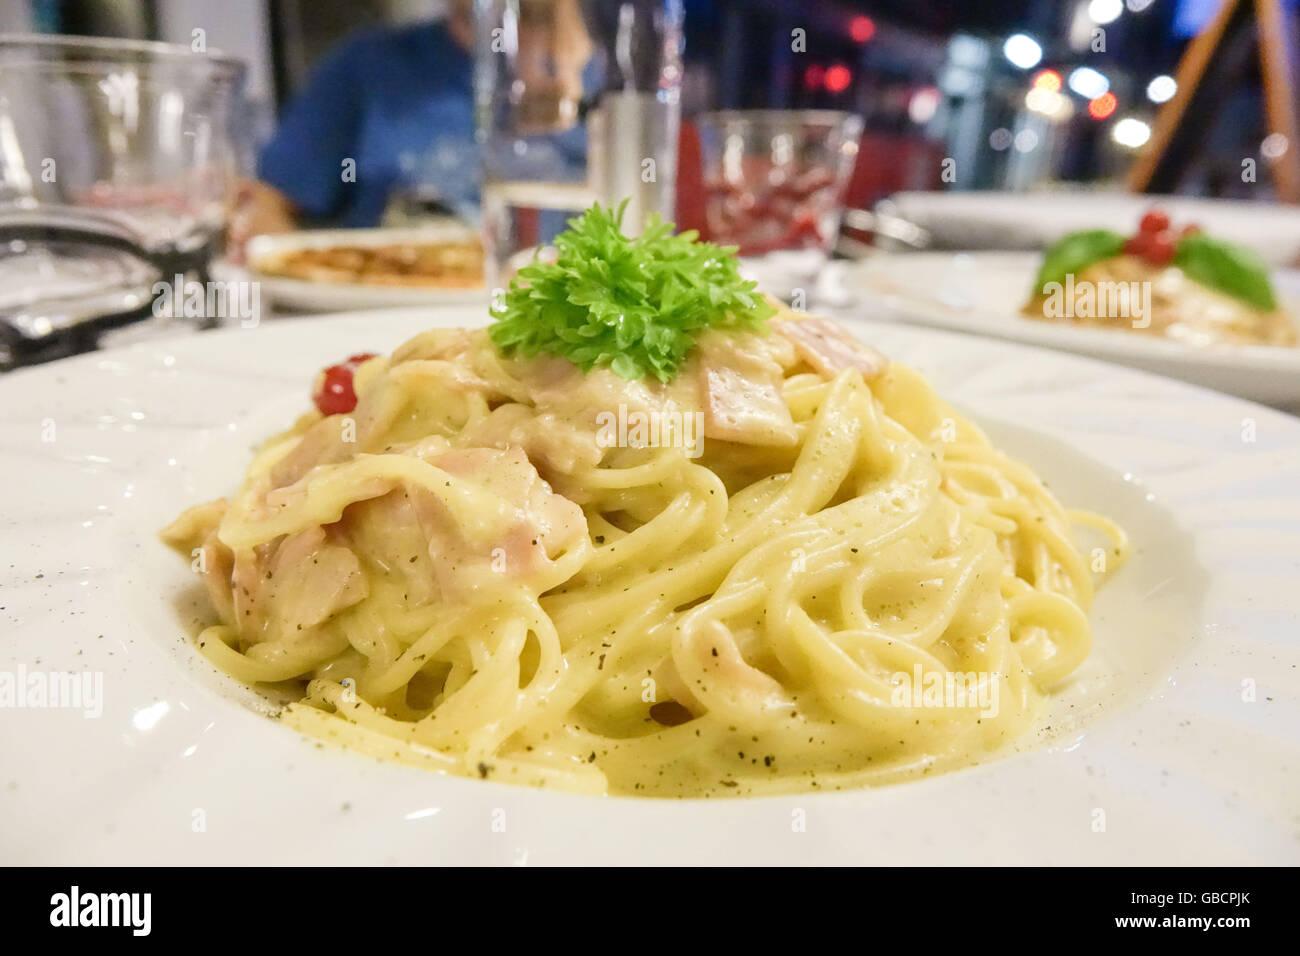 Spaghetti Carbonara - italienisches Essen in einer Pizzeria Stockbild